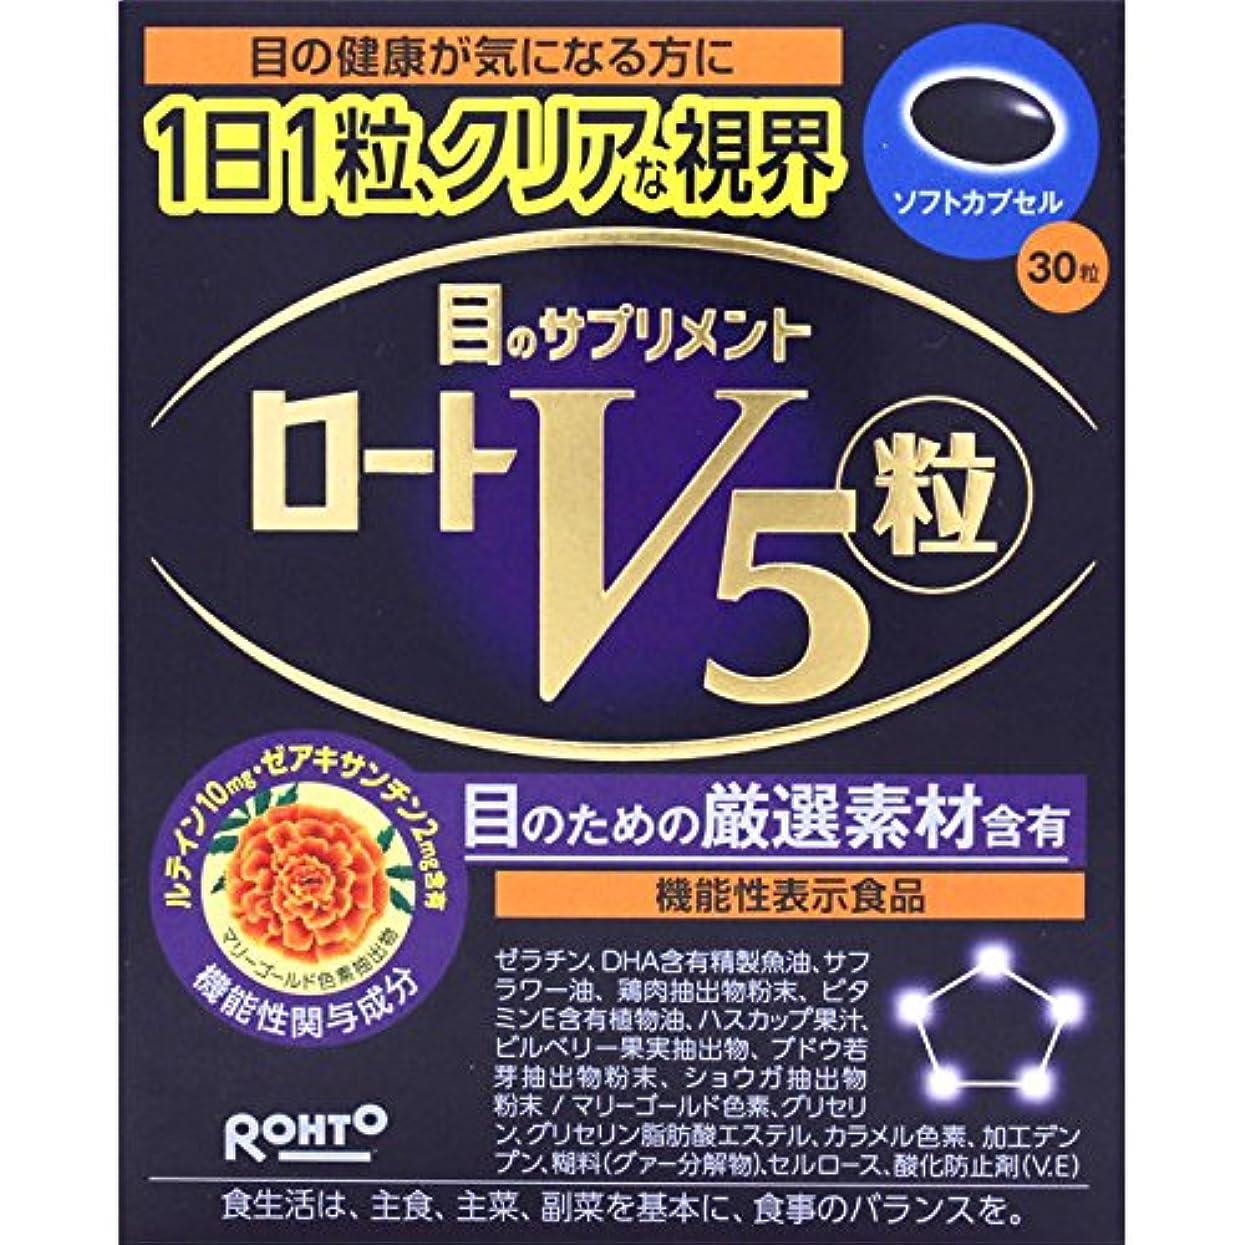 病弱溶融強いますロート製薬 V5粒 目のサプリメント 30粒 ルテイン×ゼアキサンチン配合 1日1粒クリアな視界 【機能性表示食品】